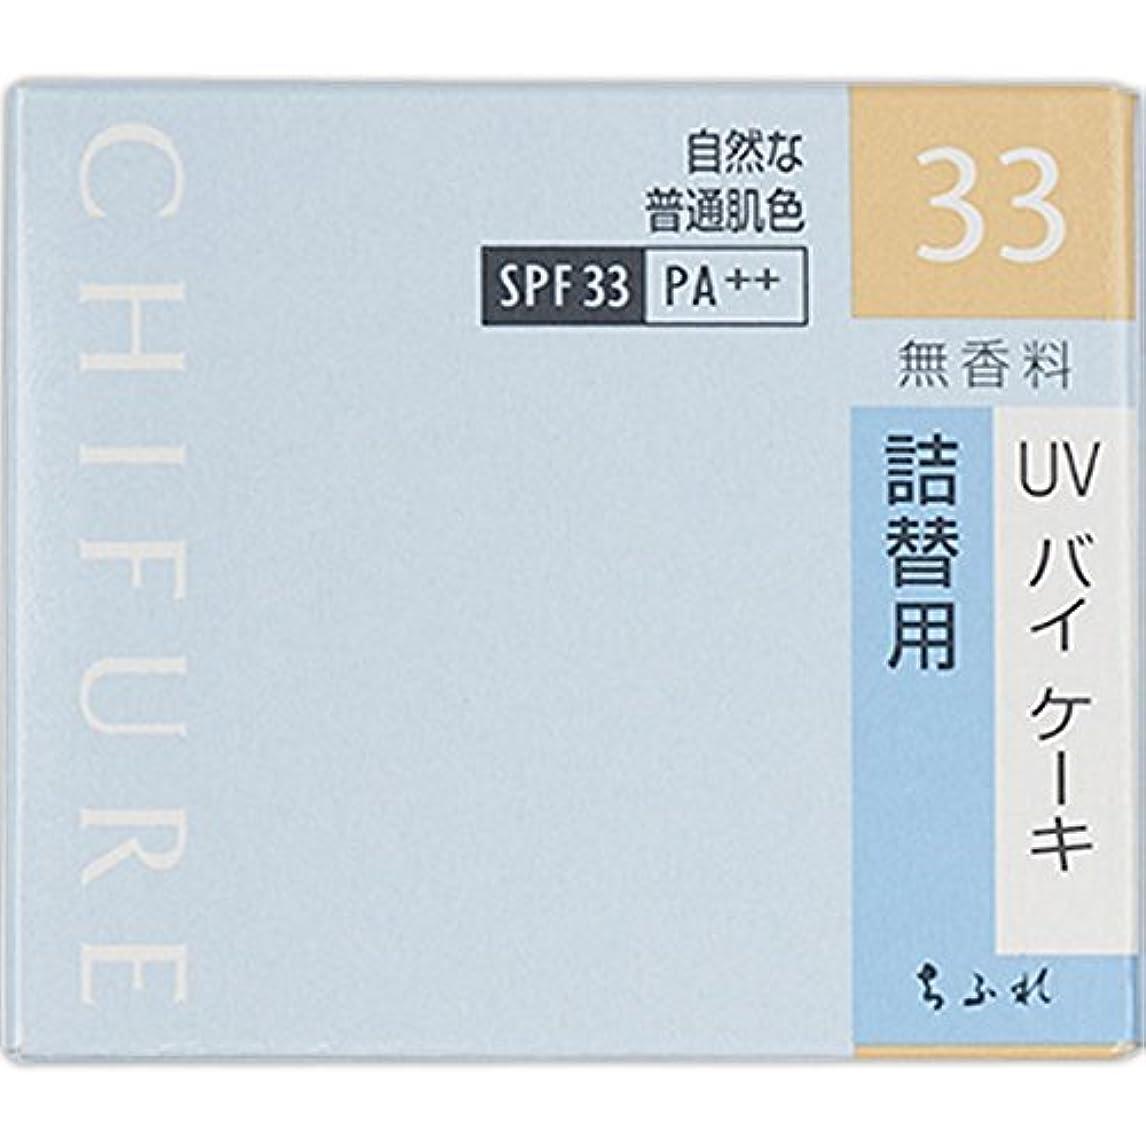 オフセット正気判定ちふれ化粧品 UV バイ ケーキ 詰替用 33 自然な普通肌色 14g